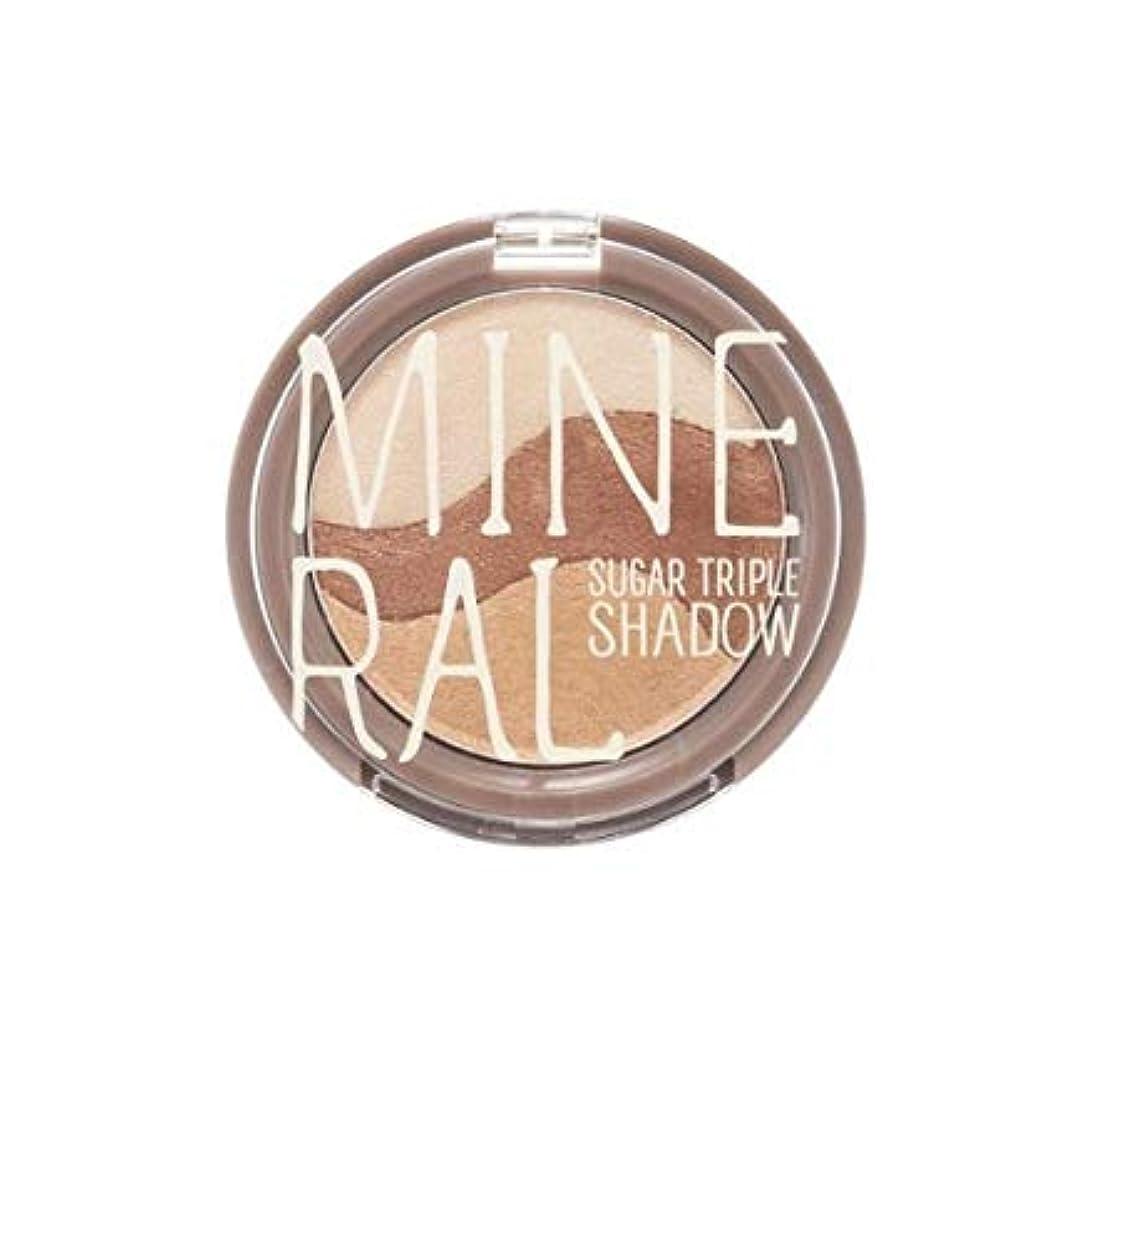 早い任命する検出可能Skinfood ミネラルシュガートリプルシャドウ#1ゴールデンブラウン / Mineral Sugar Triple Shadow #1 Golden Brown 3.8g [並行輸入品]